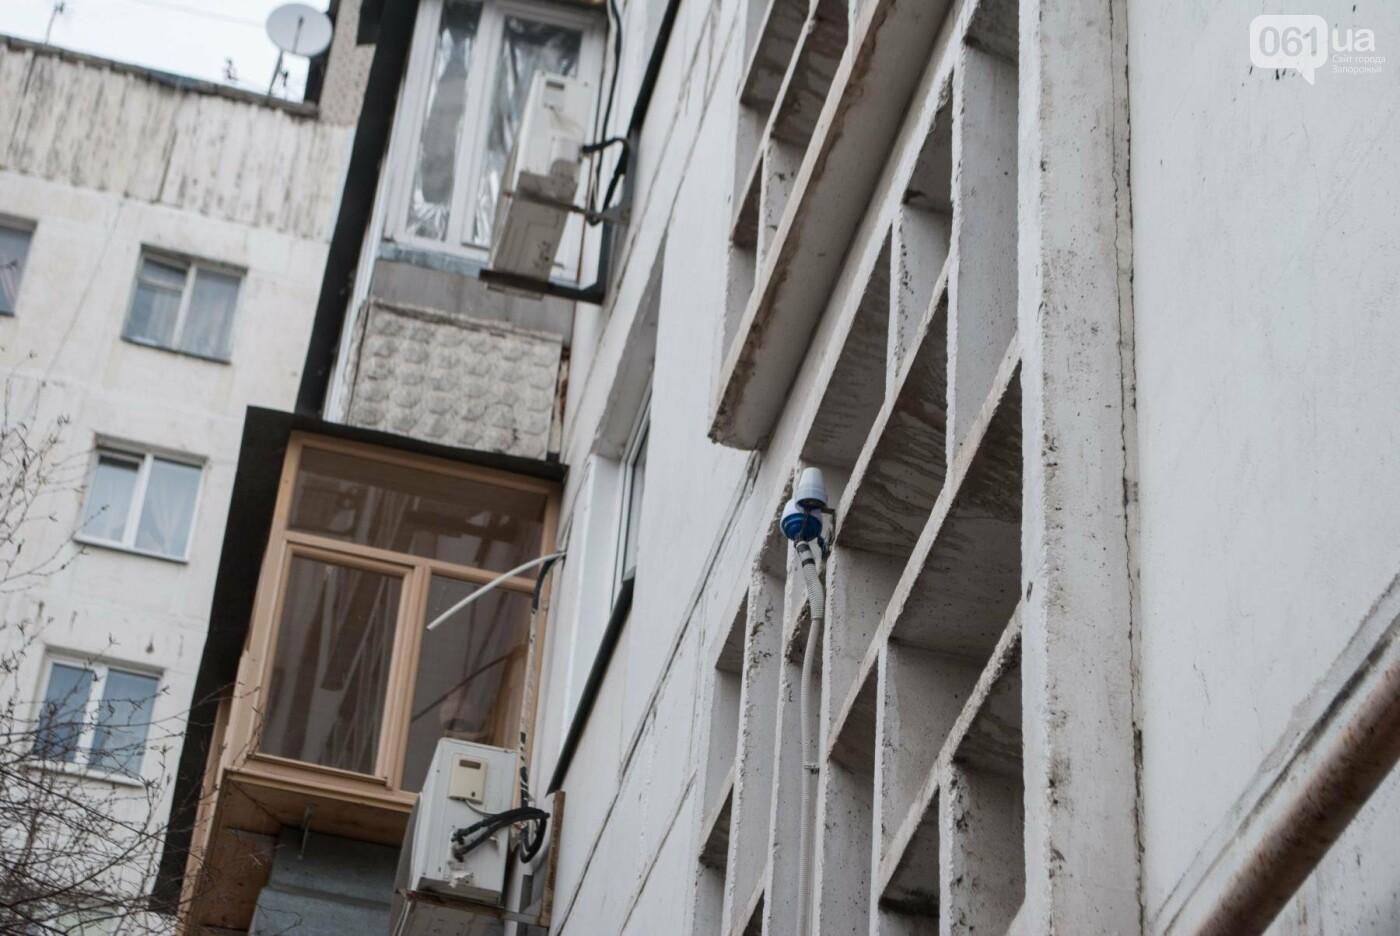 Сам себе хозяин: как запорожские ОСМД занимаются энергосбережением и значительно экономят на тарифах, — ФОТО, фото-44